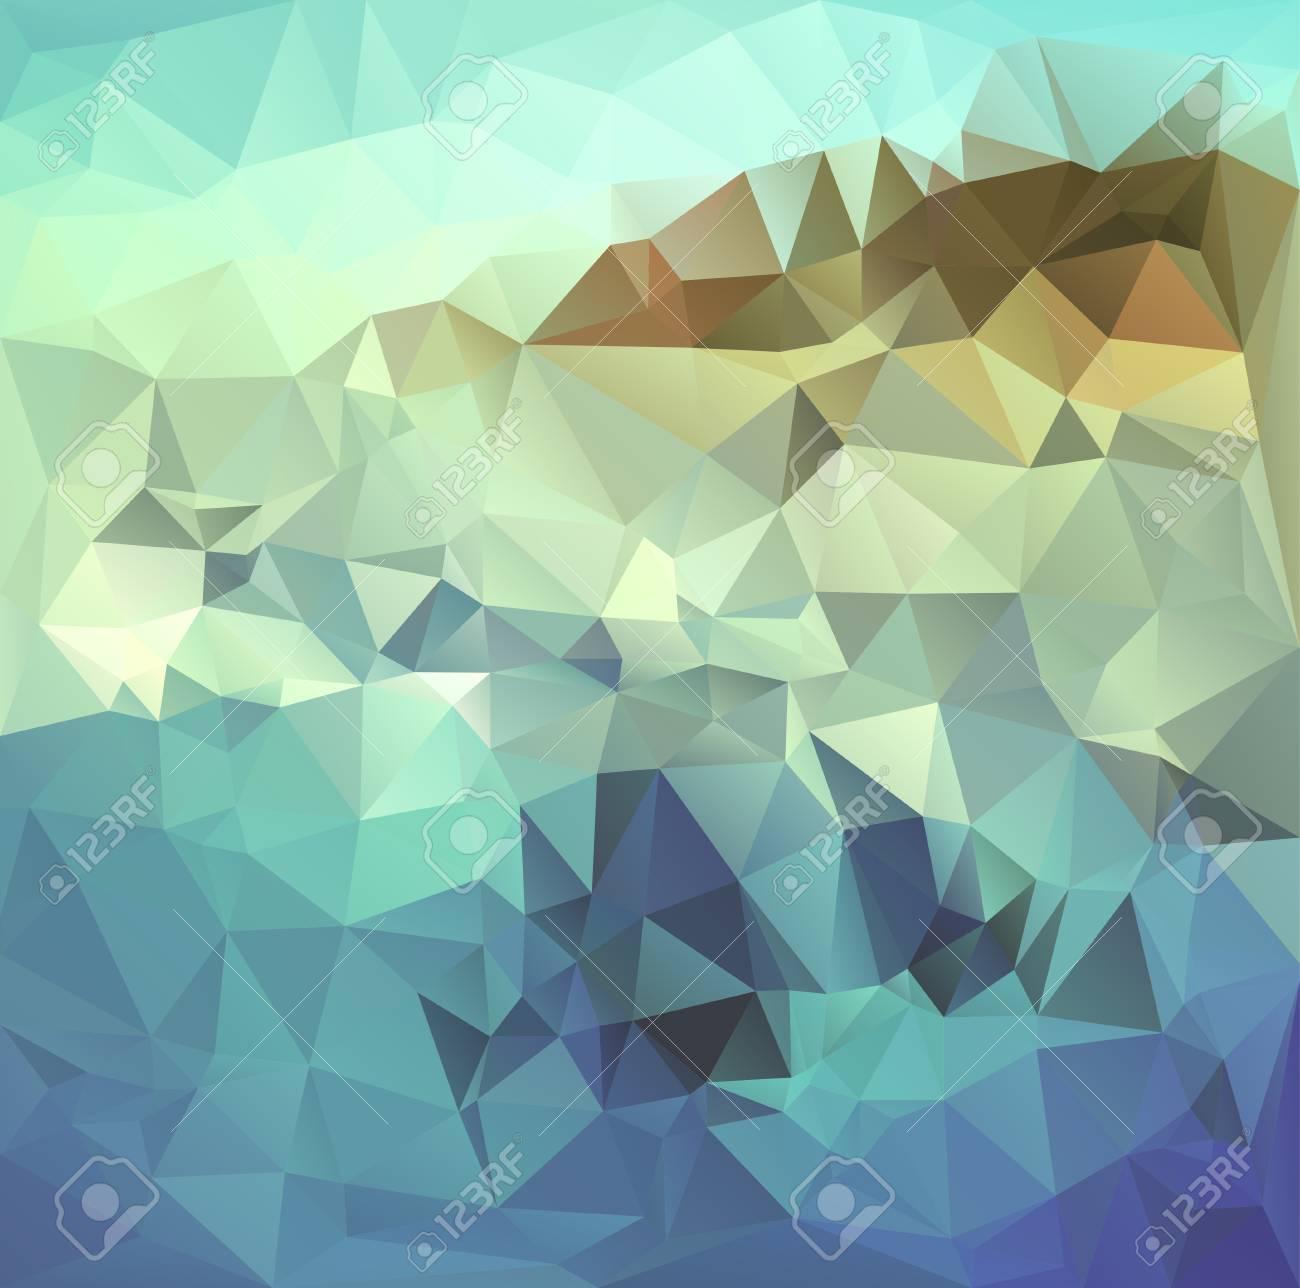 Poligonal Mosaico Geometría Abstracta Fondo Del Paisaje. Se Utiliza ...